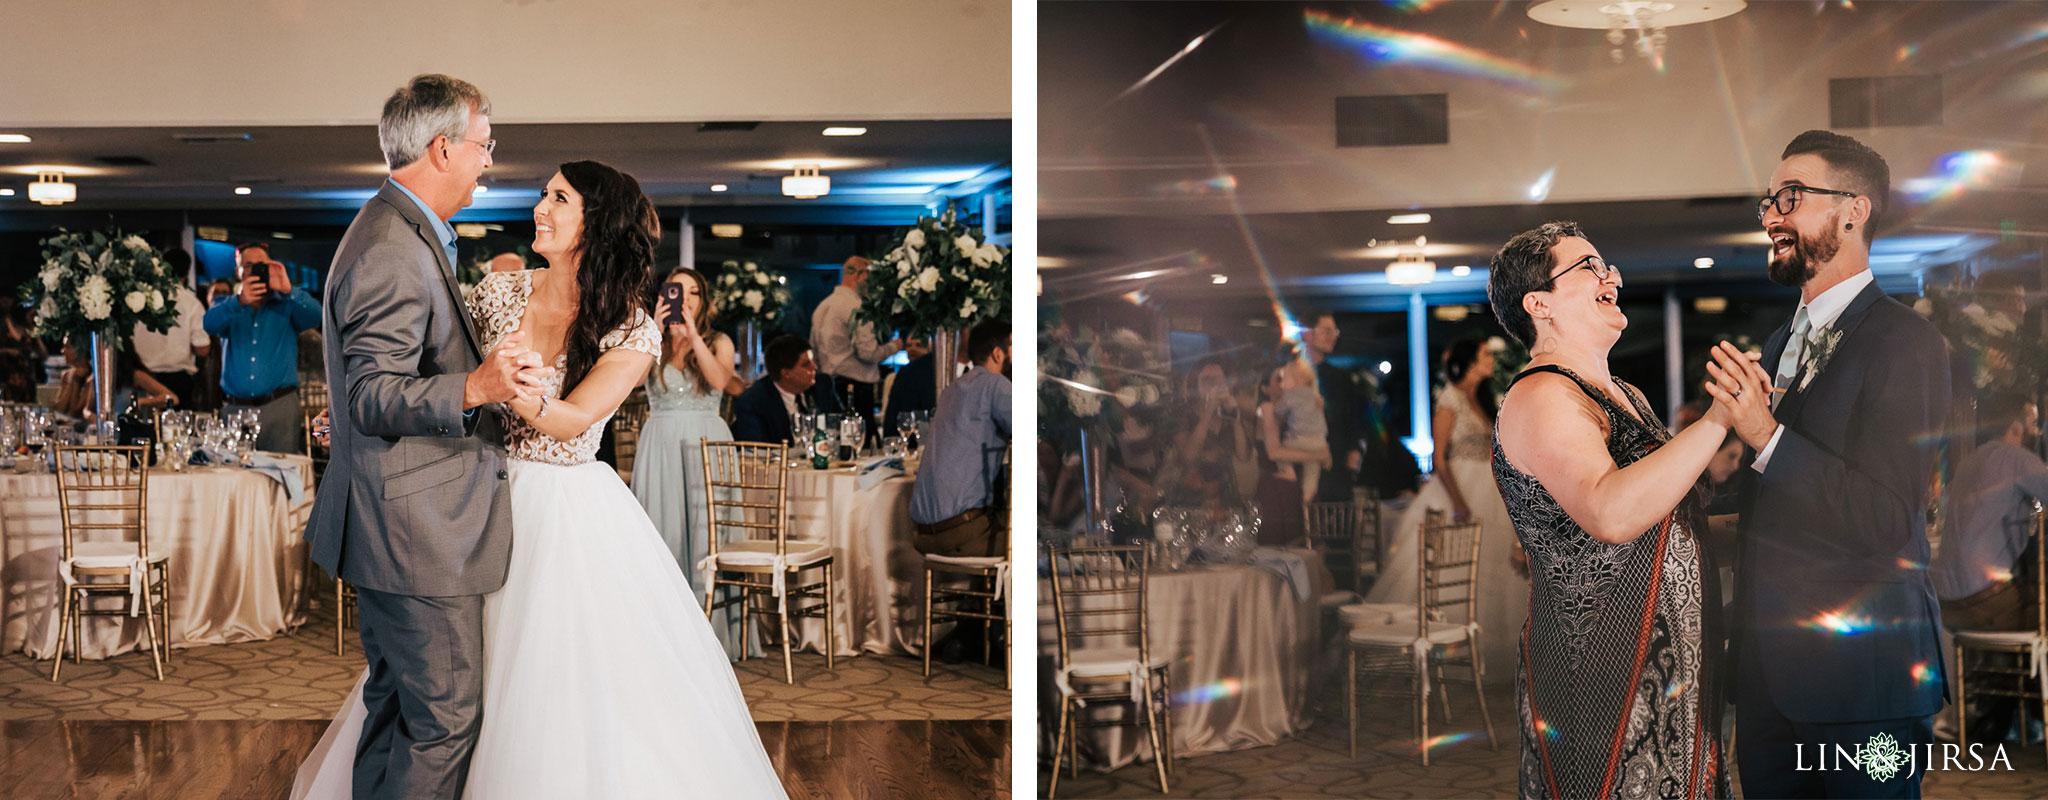 042 los verdes golf course wedding reception photography